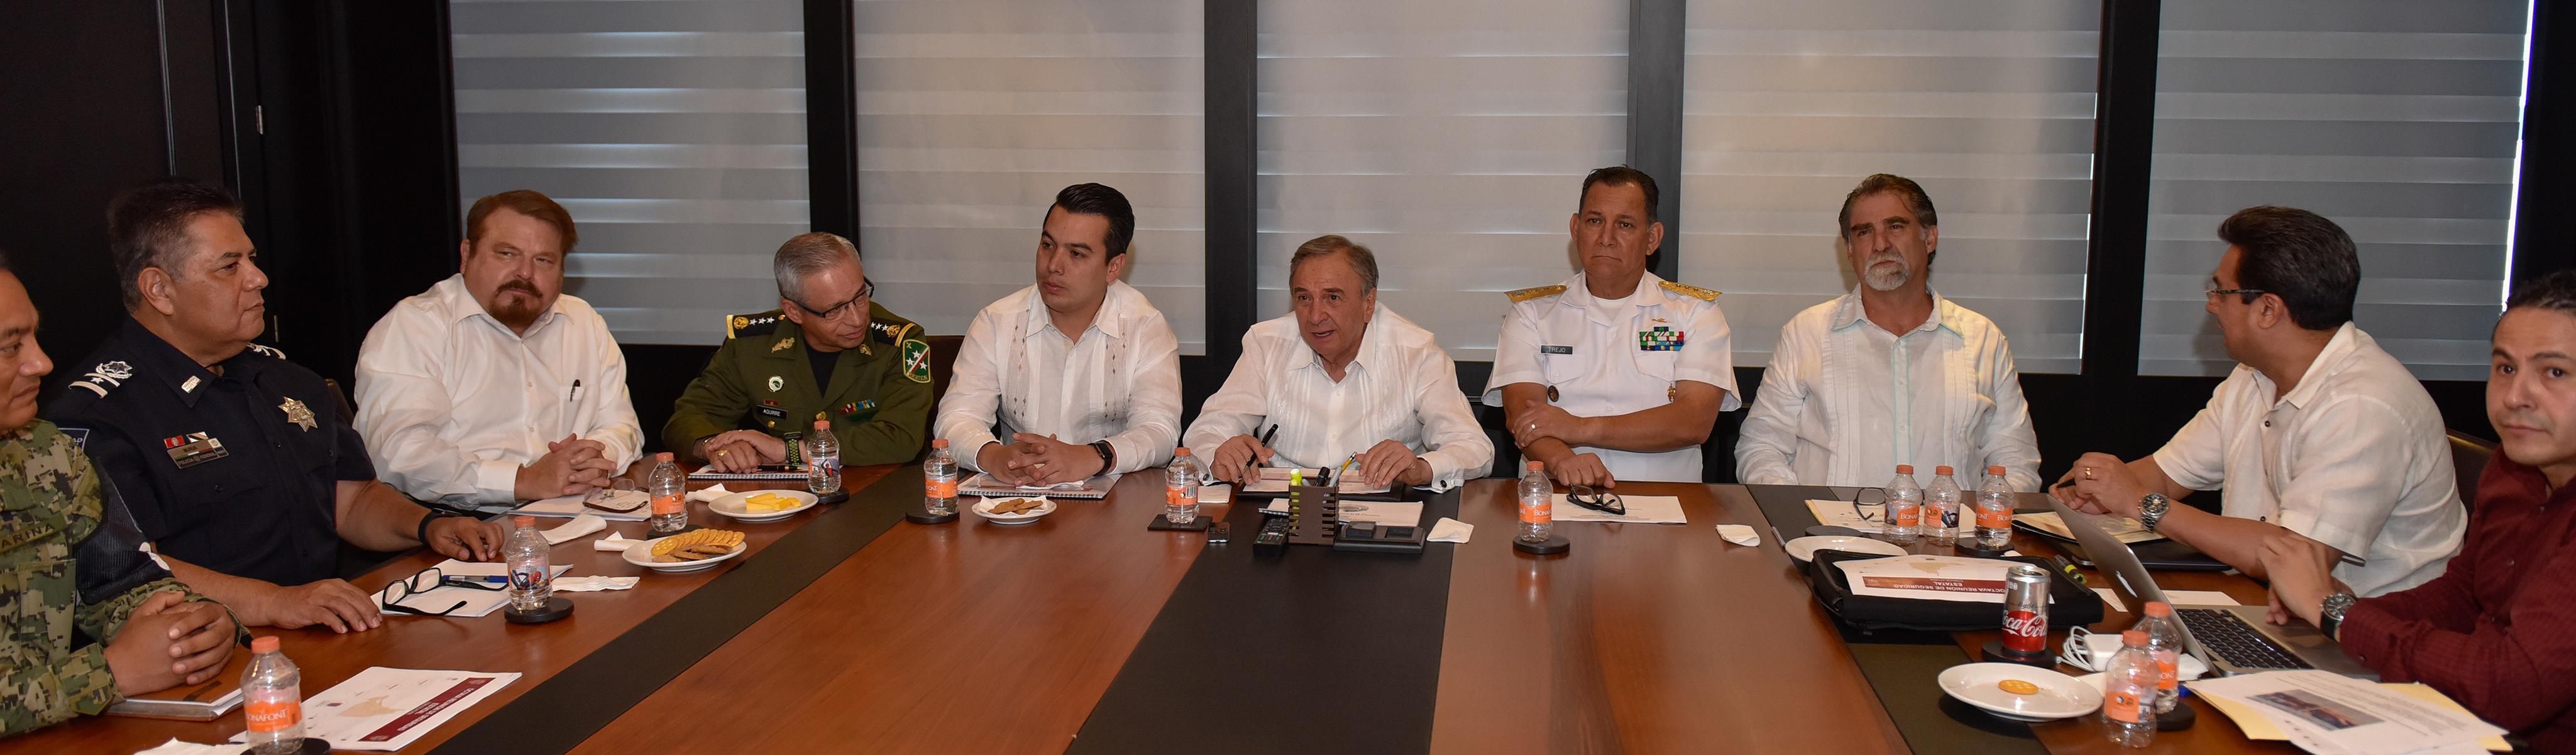 REUNIÓN SEGURIDAD DEL GOBERNADOR CMAG-